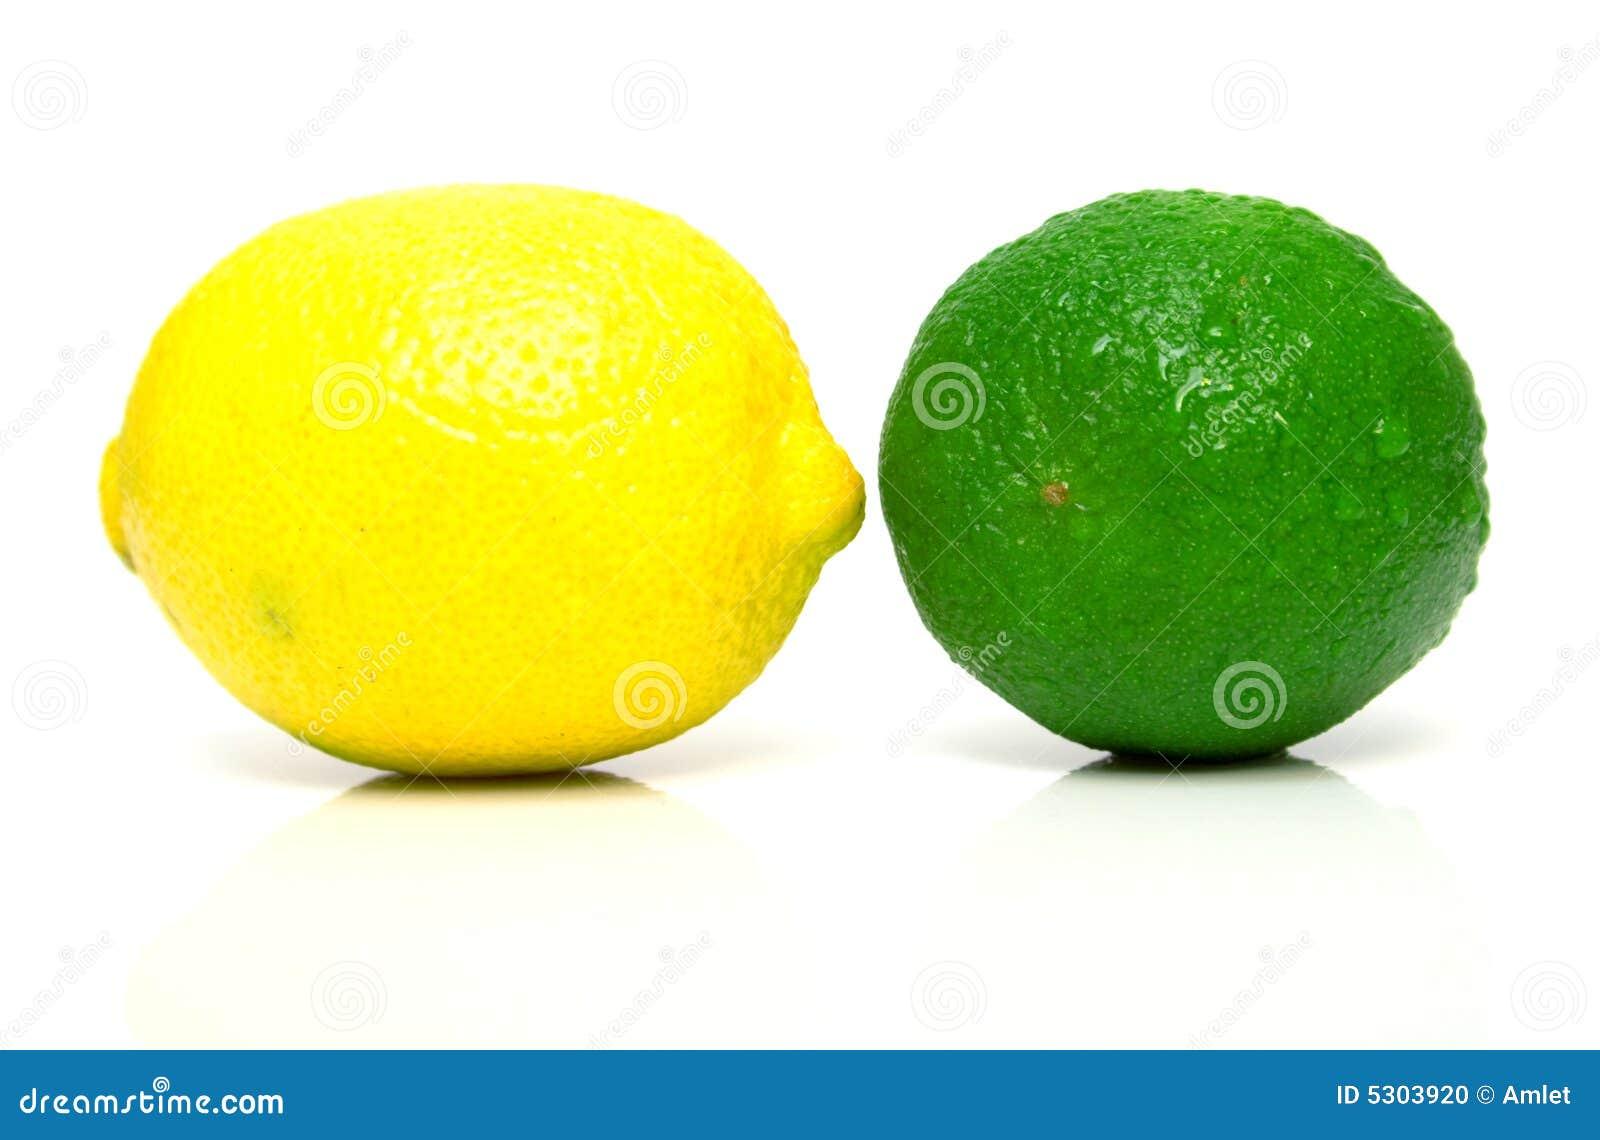 Download Limone e limetta fotografia stock. Immagine di tropicale - 5303920